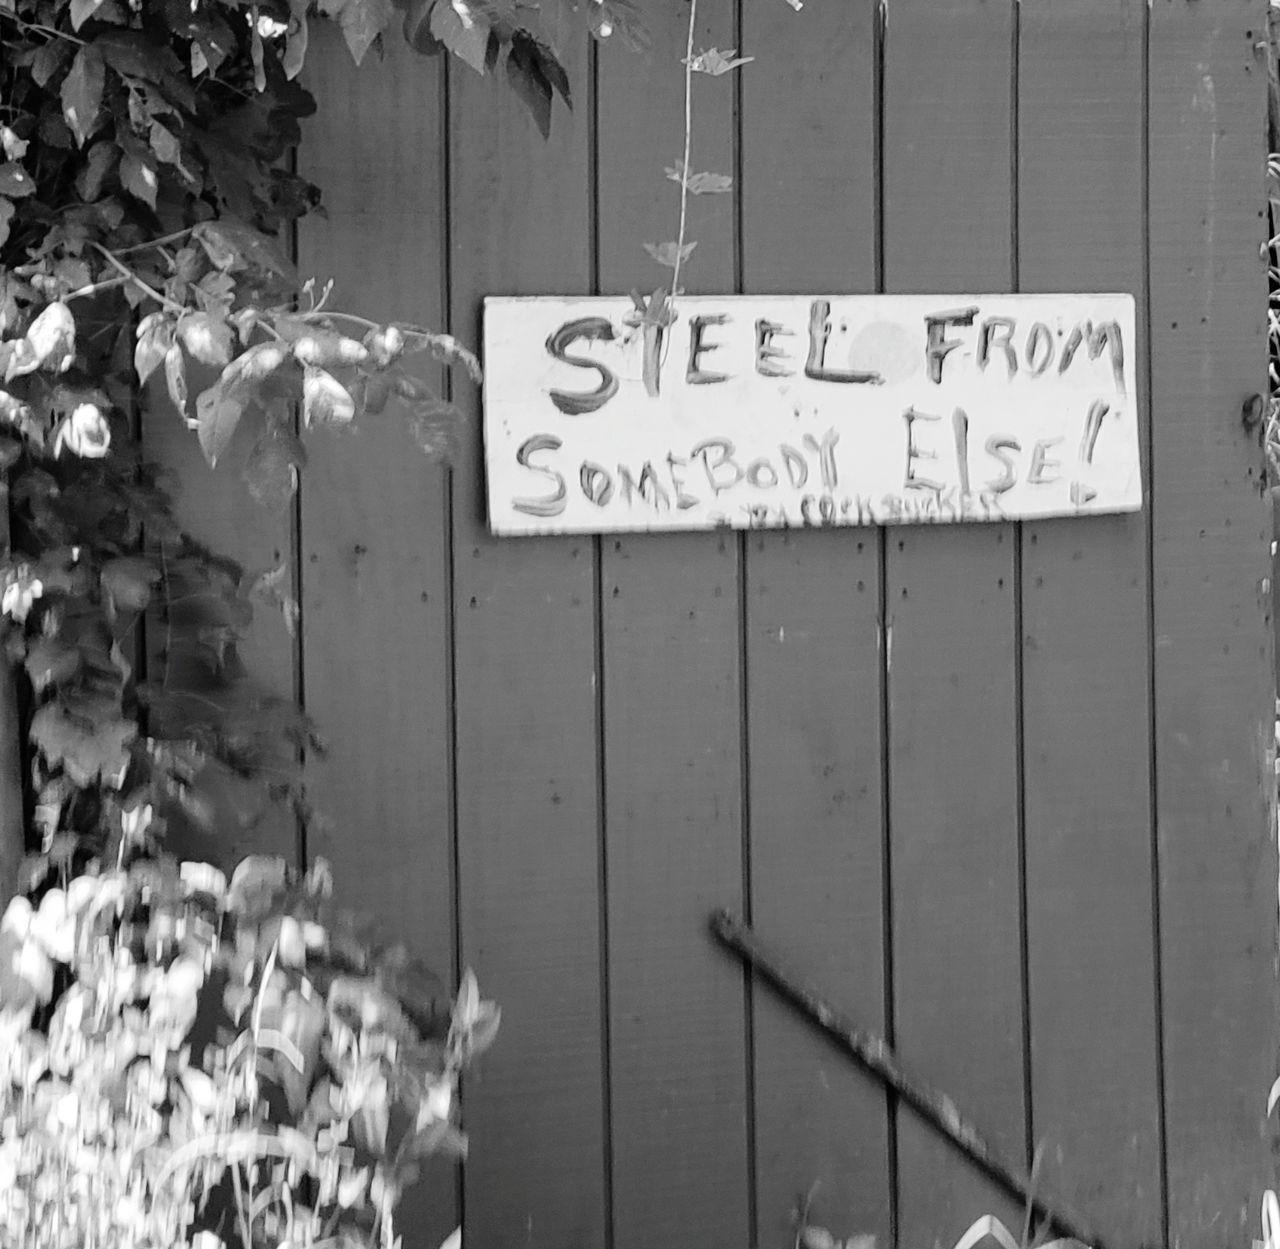 INFORMATION SIGN ON WOODEN DOOR